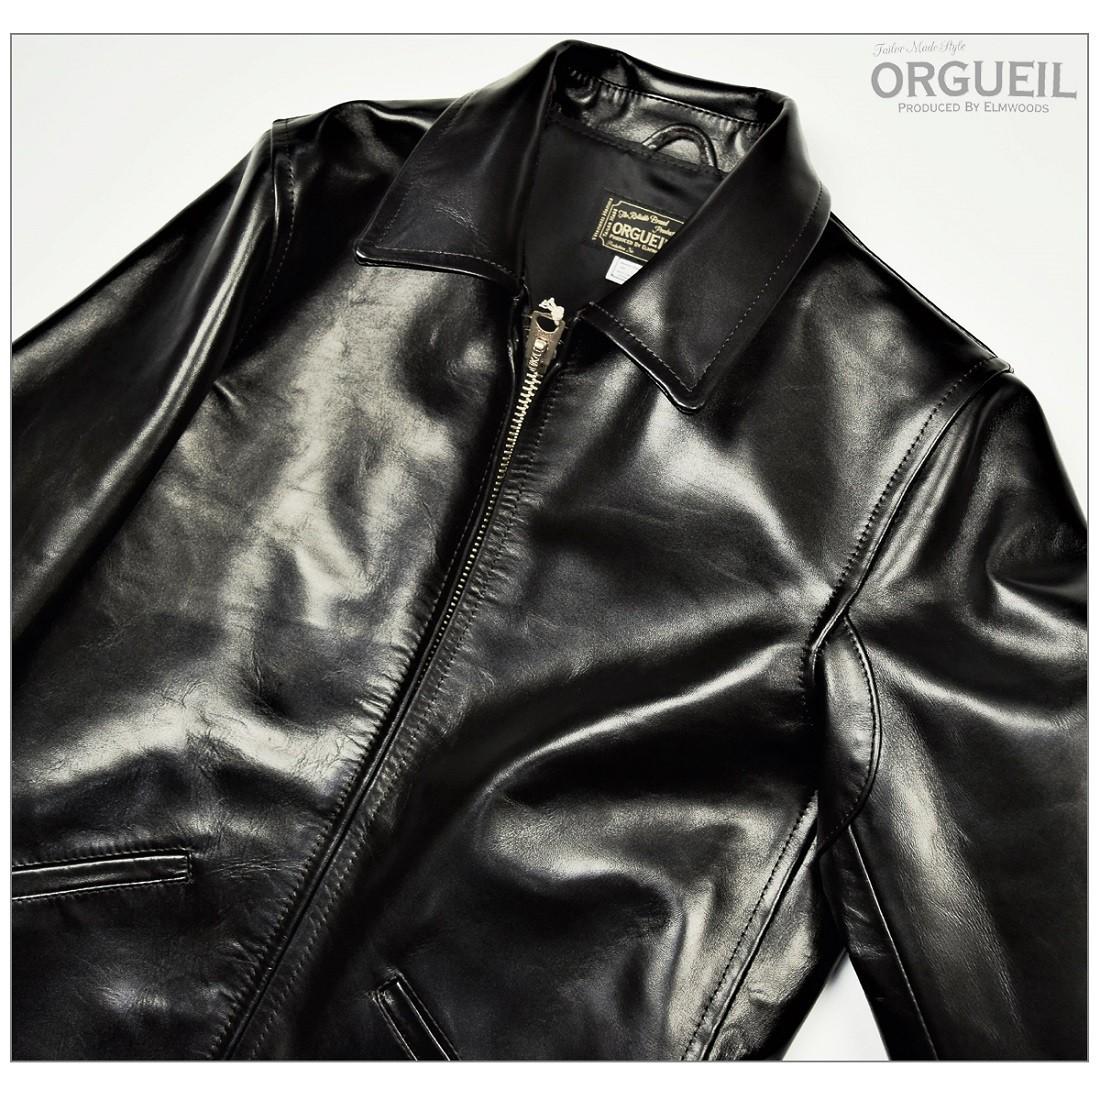 OR-4081 オルゲイユ ORGUEIL ライダース ジャケット 3